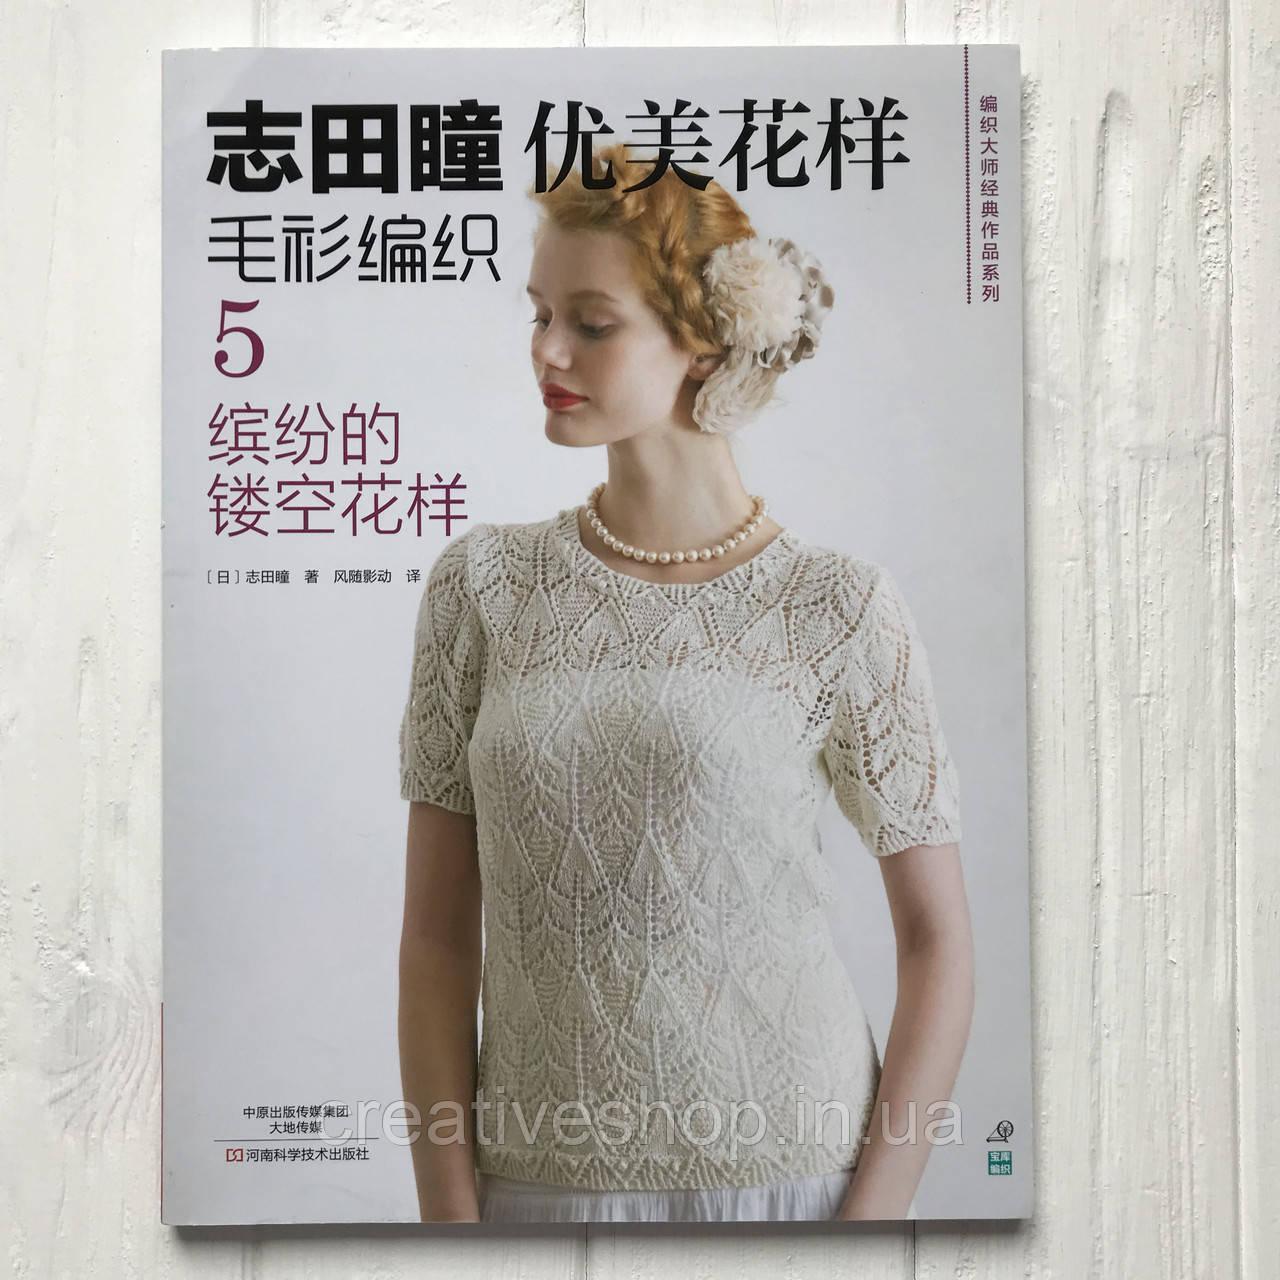 японский журнал по вязанию Hitomi Shida 5 цена 365 грн купить